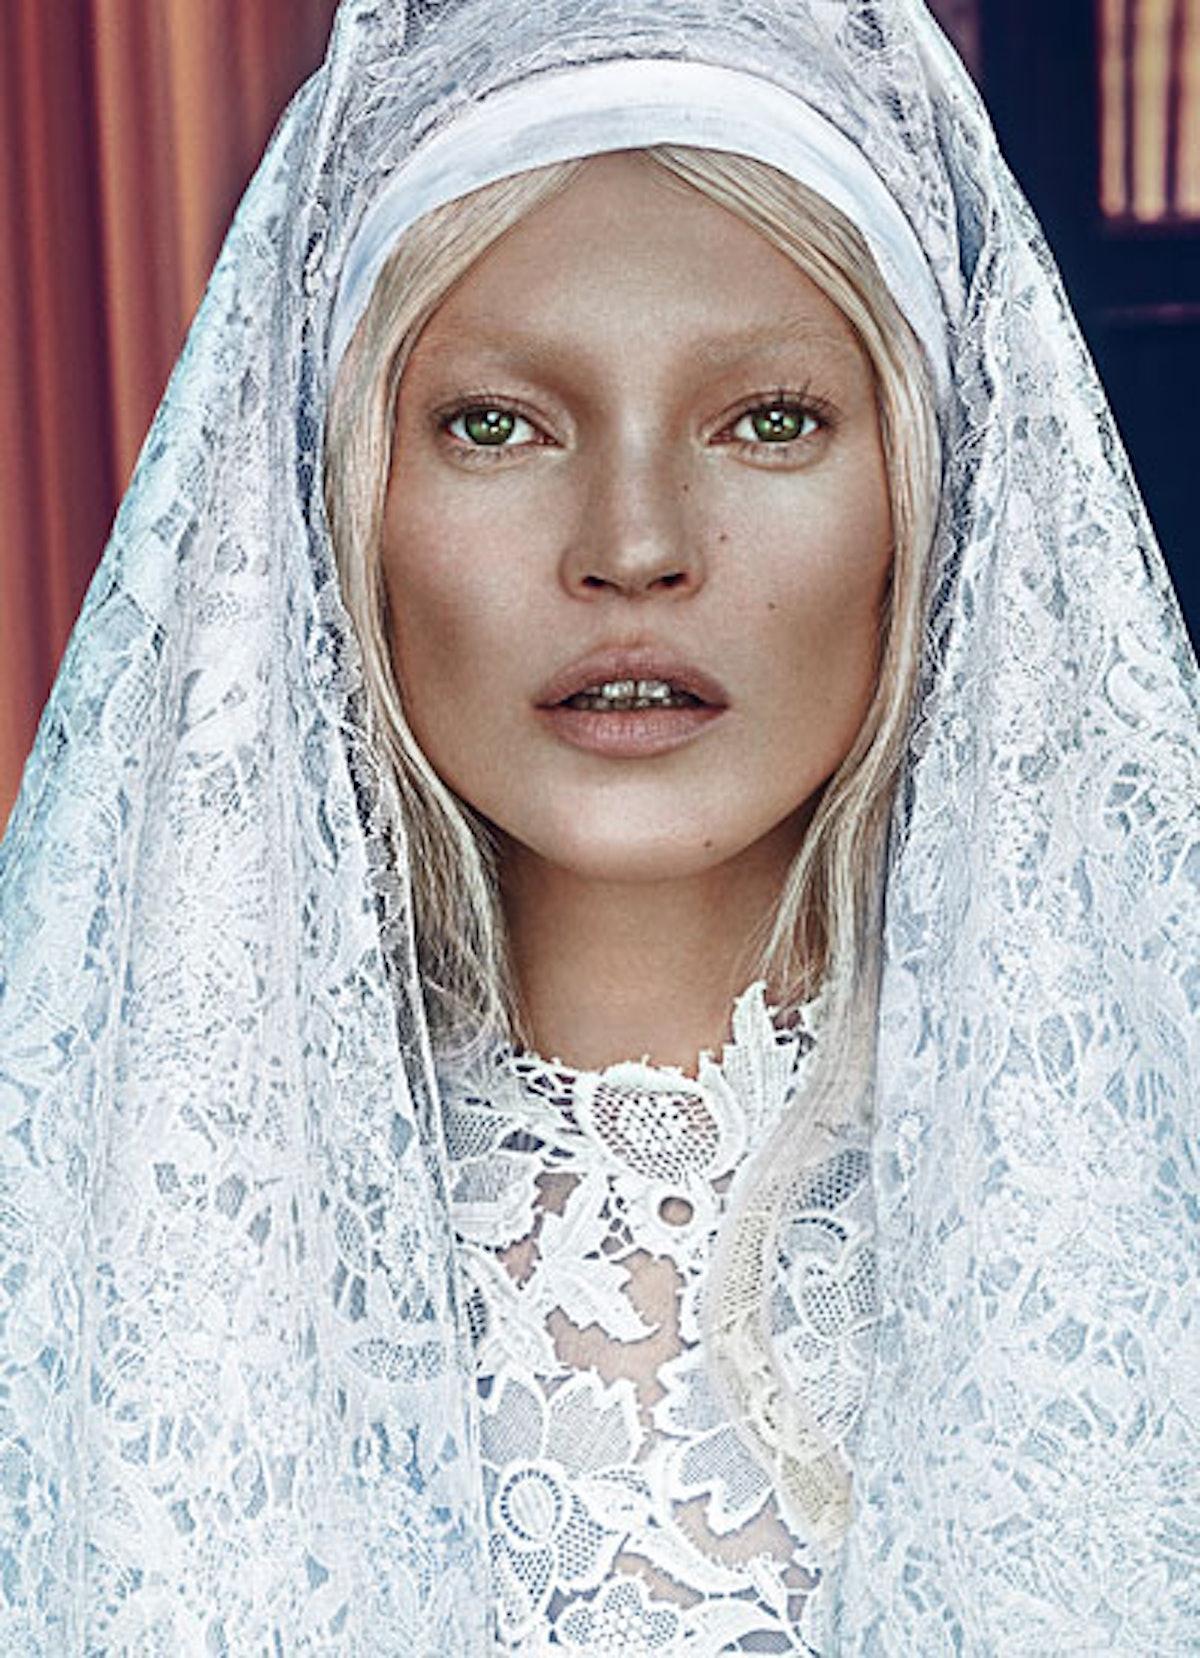 bess-val-garland-makeup-artist-05-v.jpg